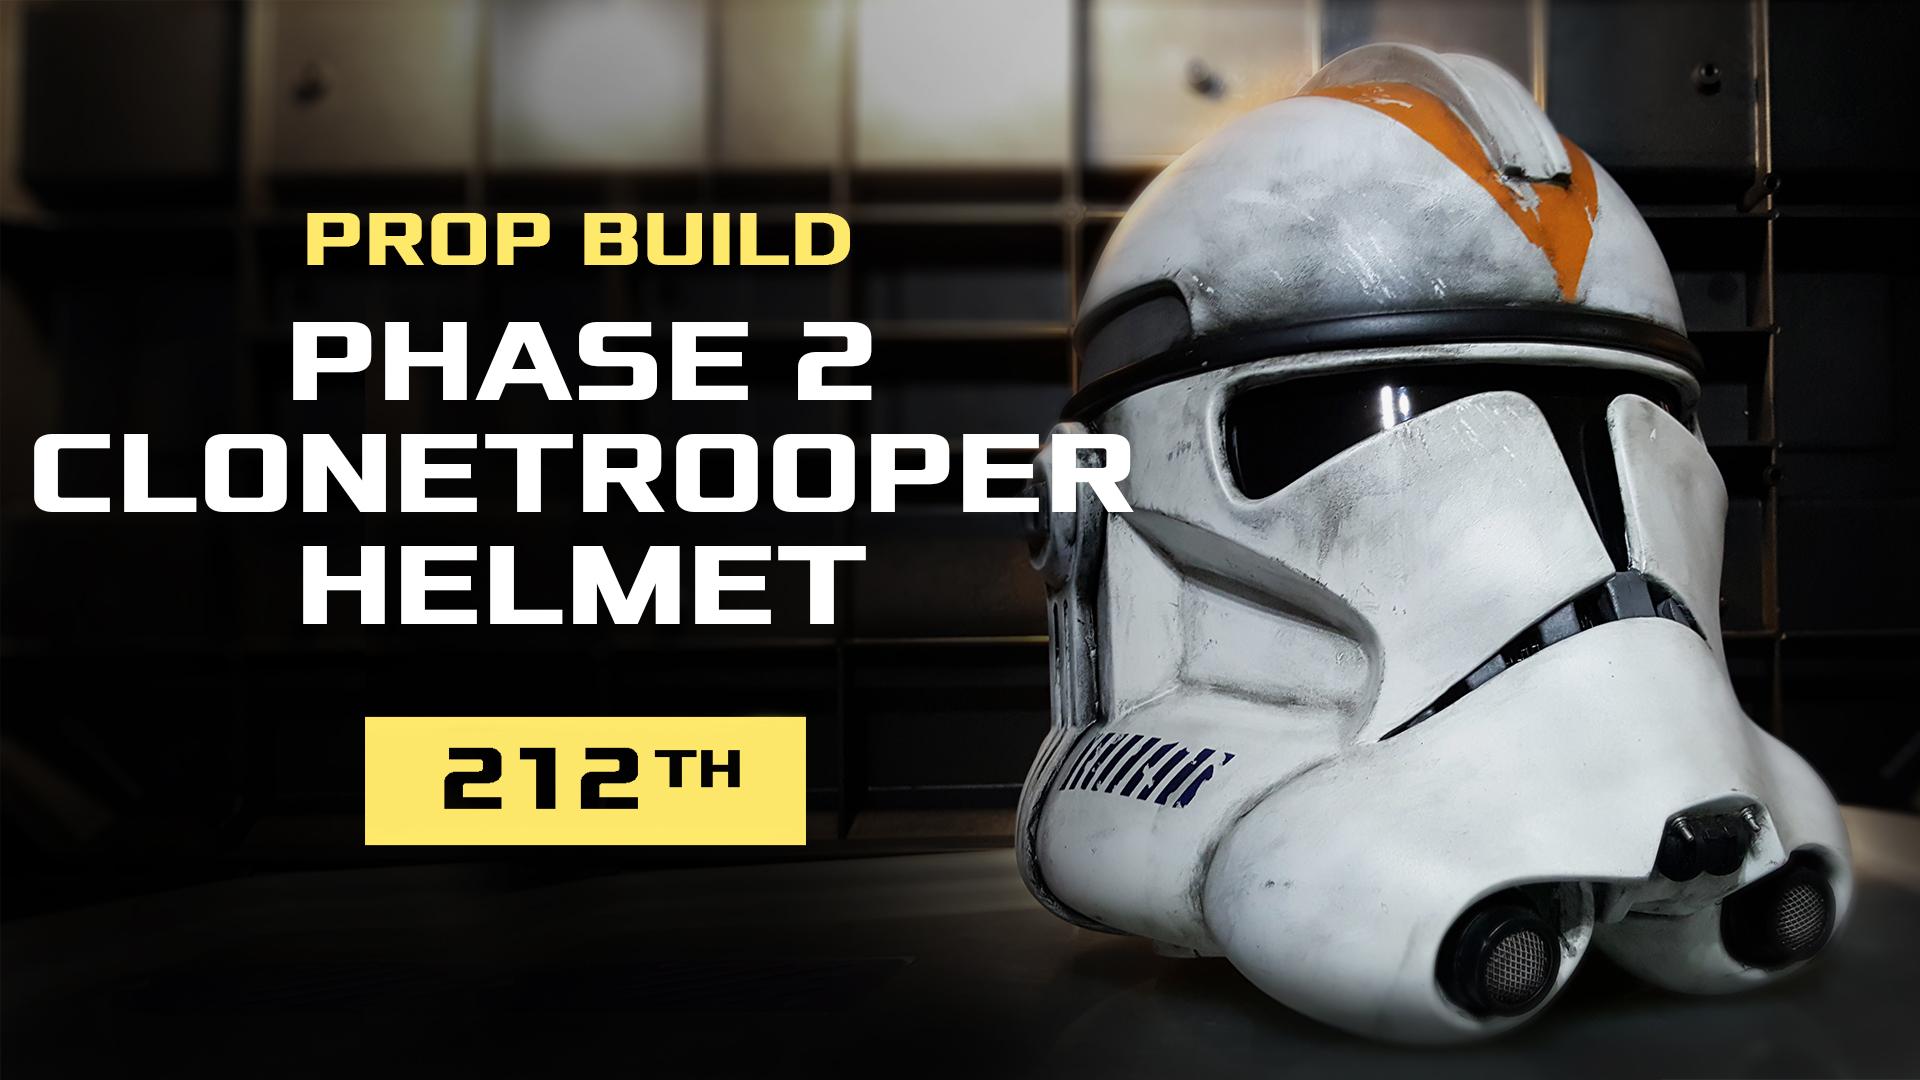 Phase 2 Clonetrooper Helmet: Overvie